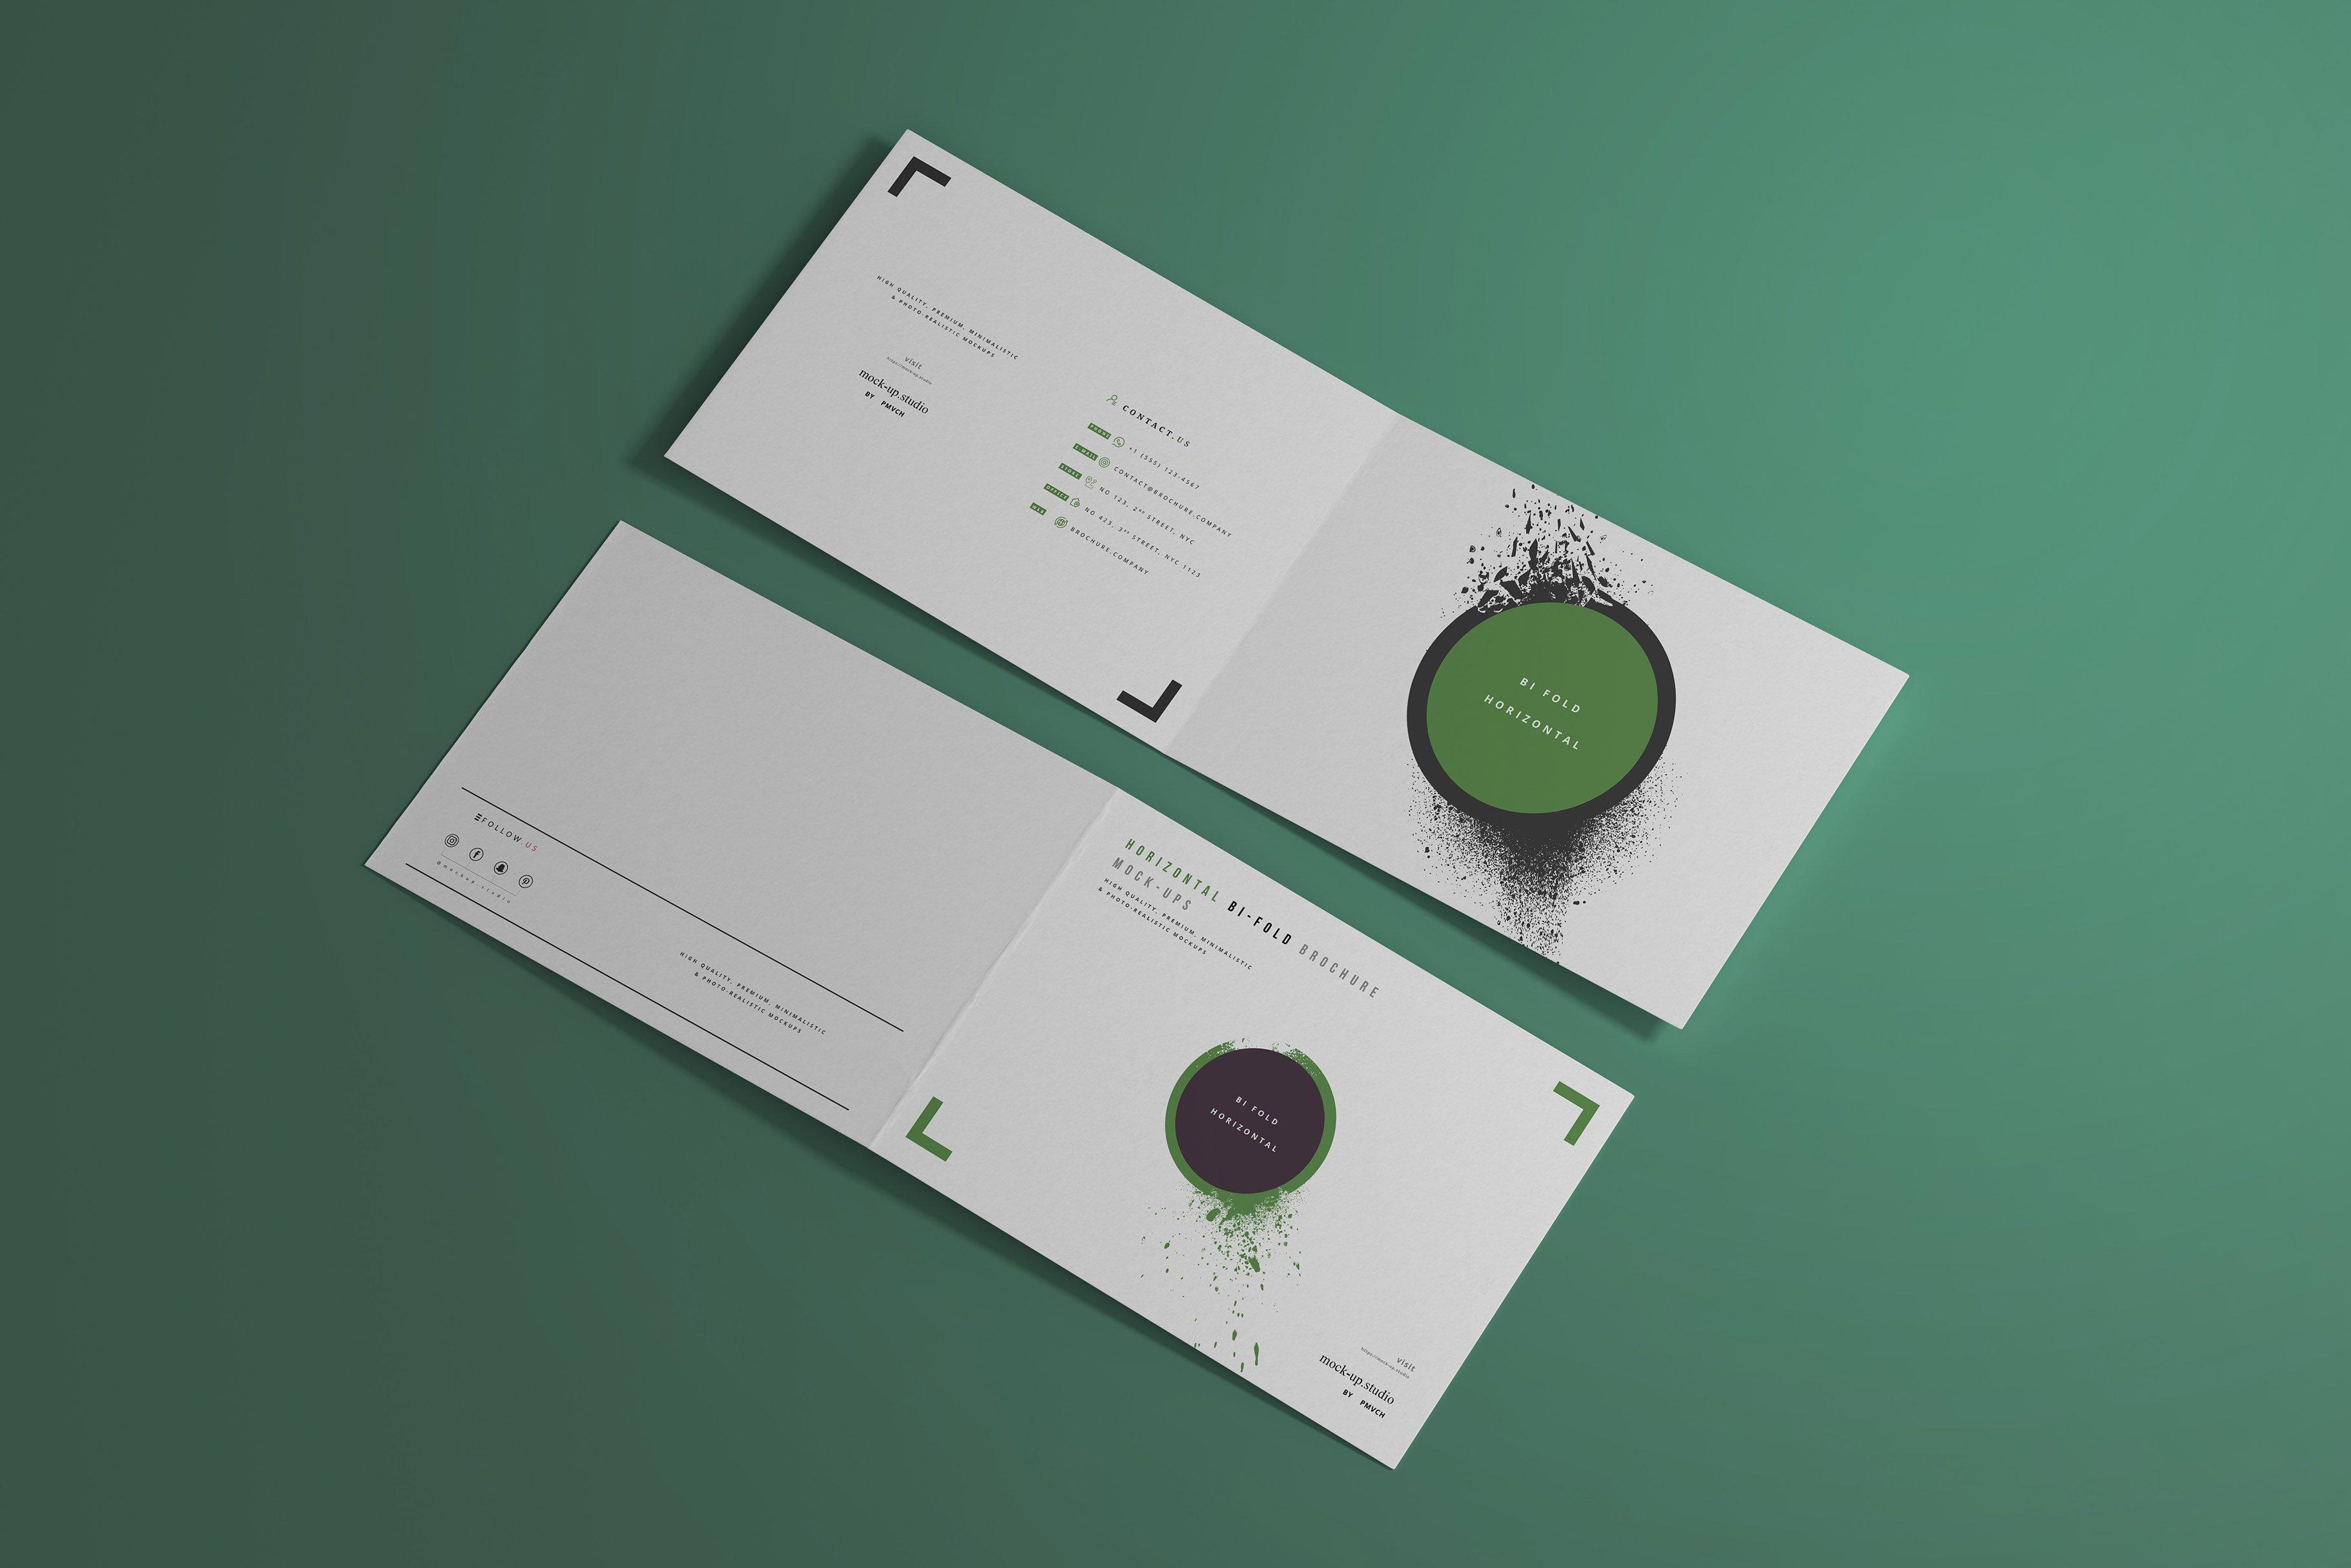 8款A4两折页小册子设计展示贴图样机模板 A4 Bi-Fold Horizontal Mockups插图(4)